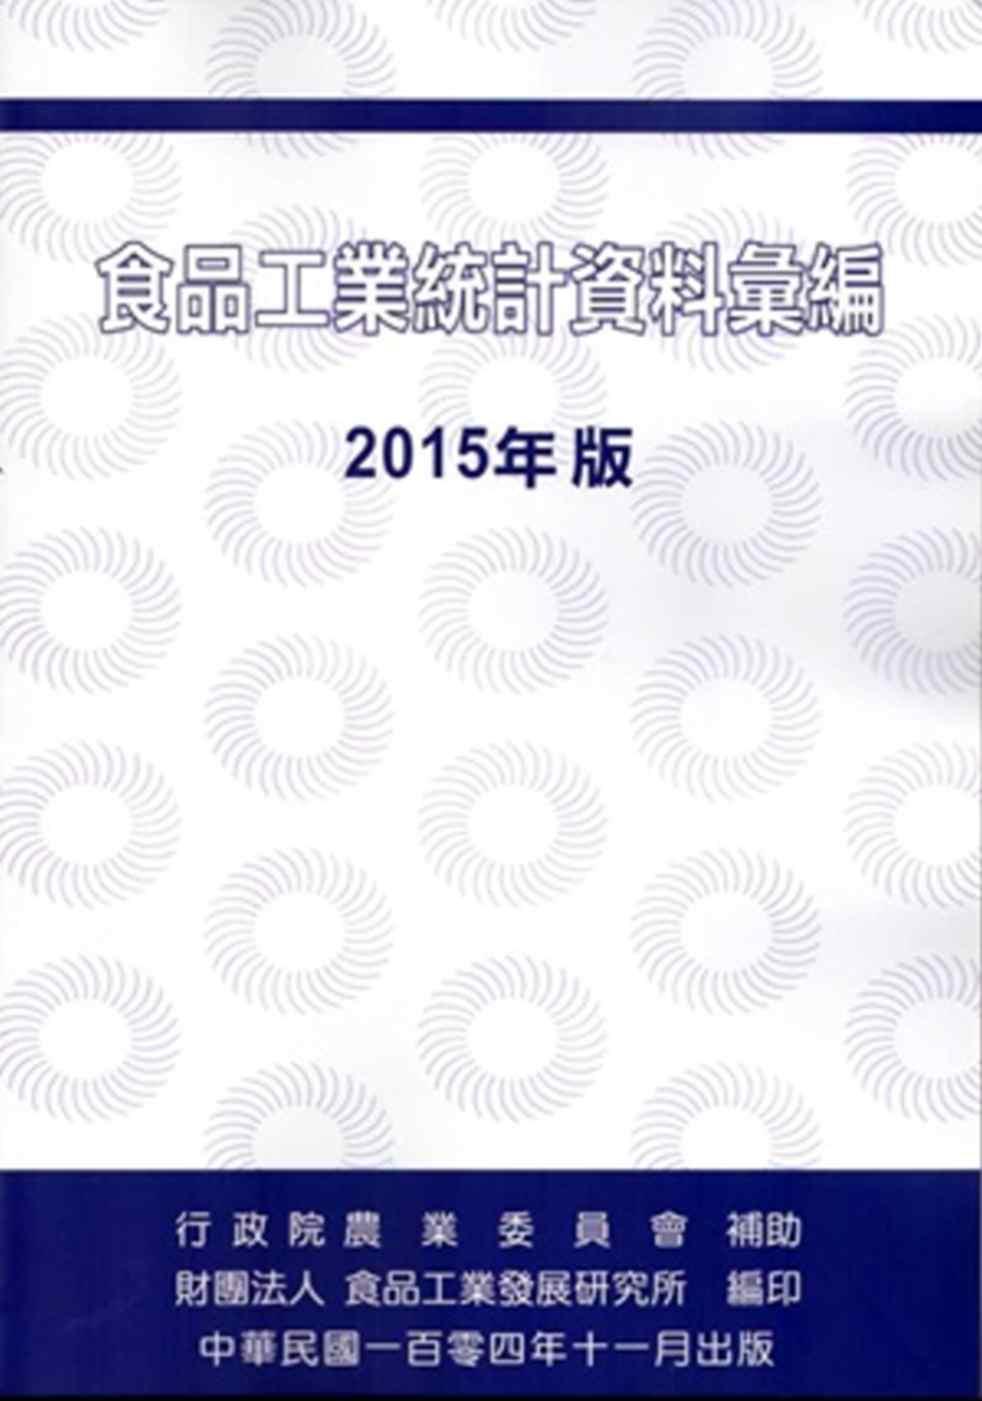 食品工業統計資料彙編2015年版